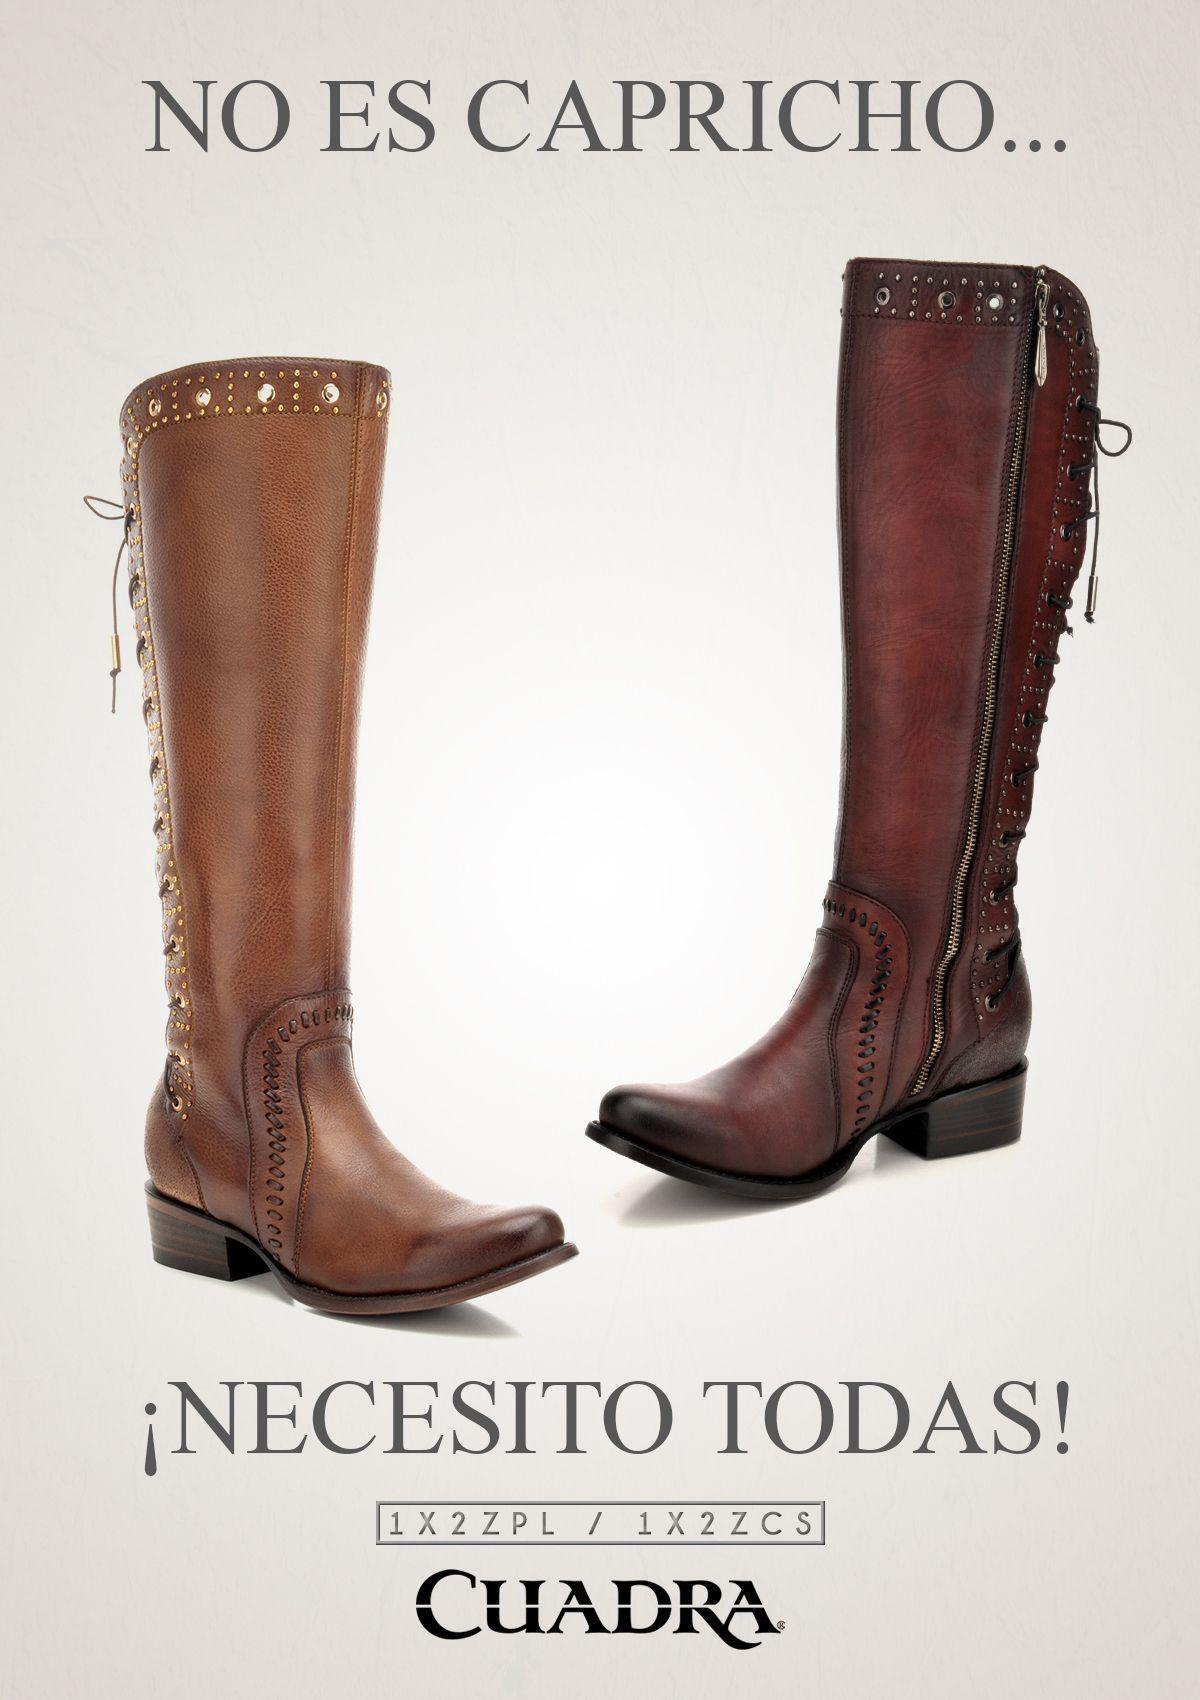 ebec99870 Solo nosotras entendemos.  moda  botas  boots  womensfashion  frases ...